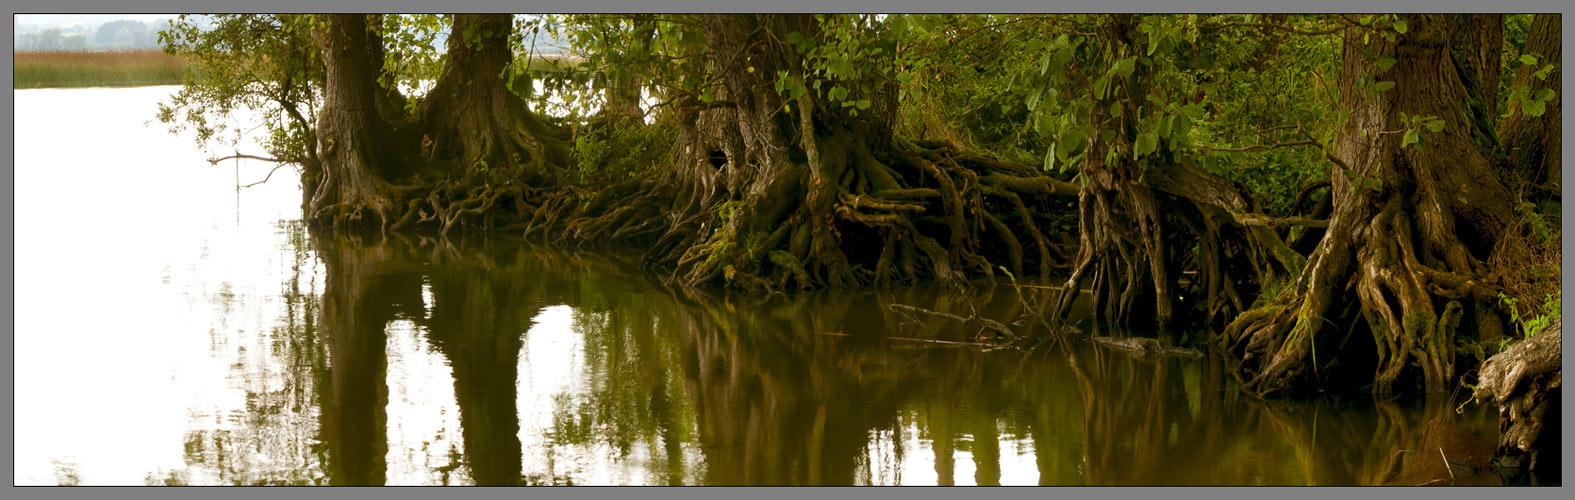 Mc-pomm-Mangroven